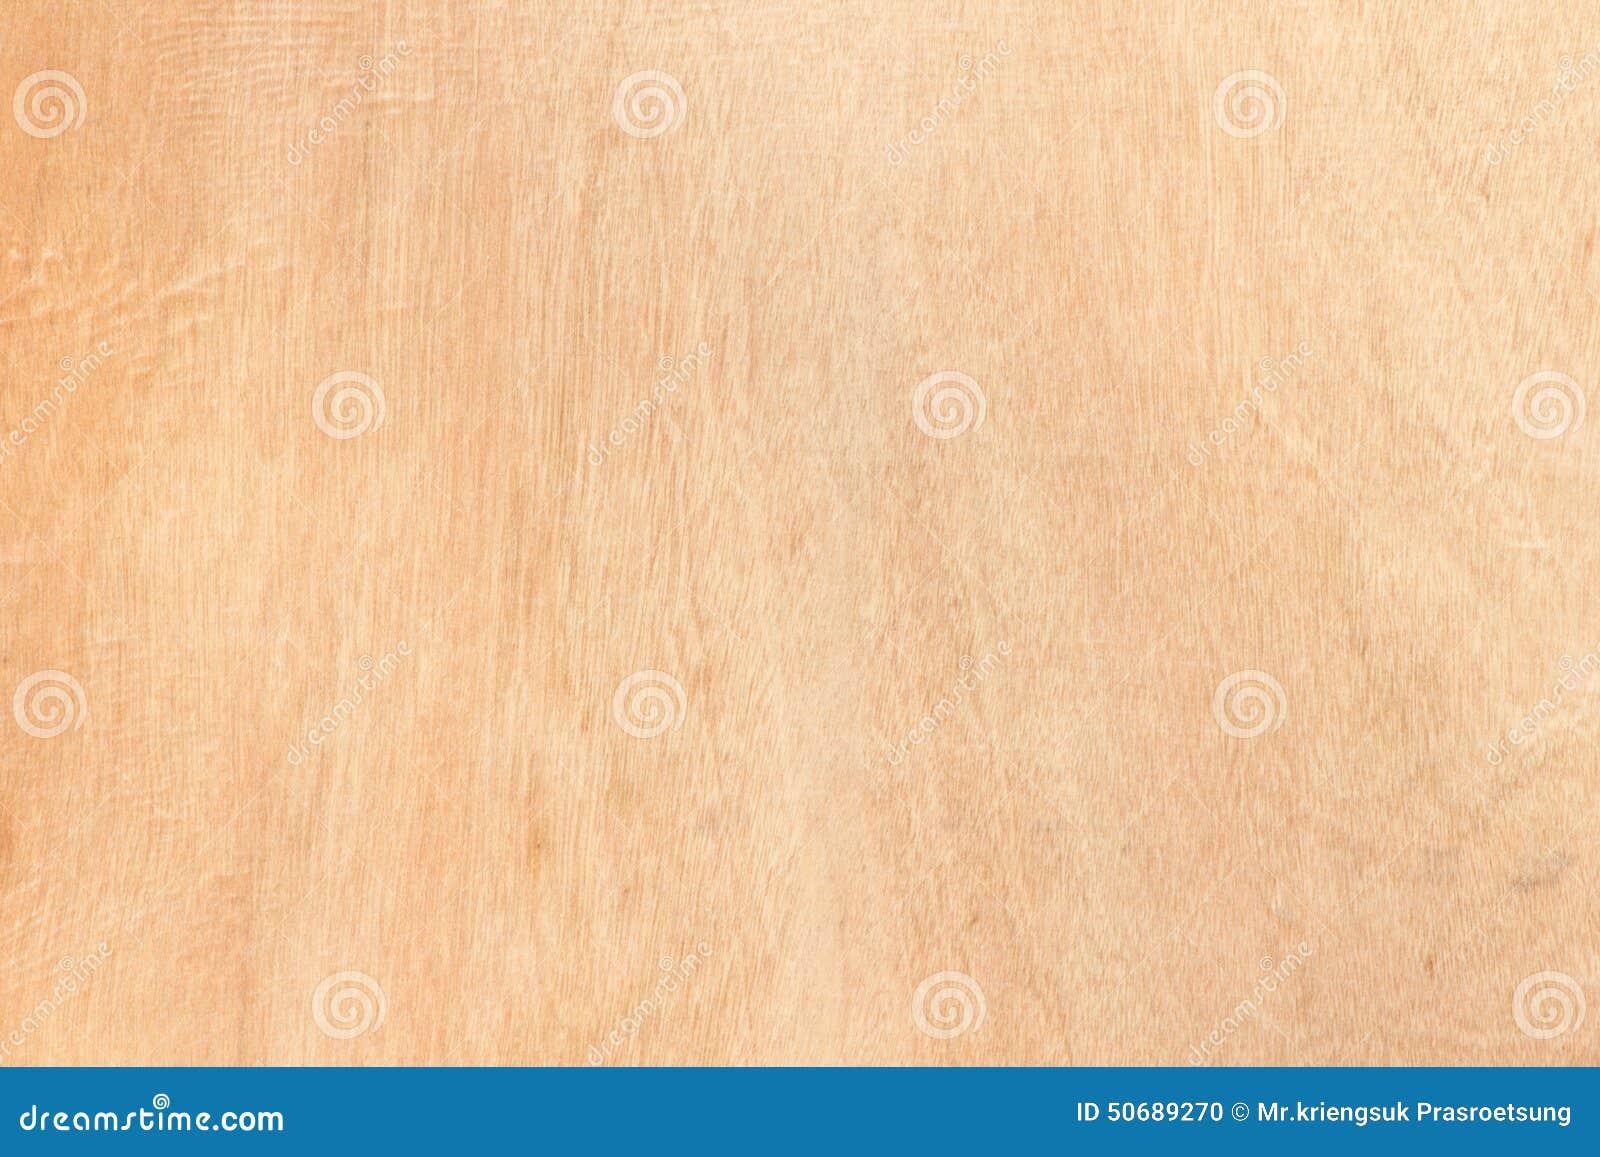 Download 木背景 库存照片. 图片 包括有 墙壁, 坦率, 编译, 木材, 纹理, 剪切, 板条, 木头, 放光, 建筑 - 50689270